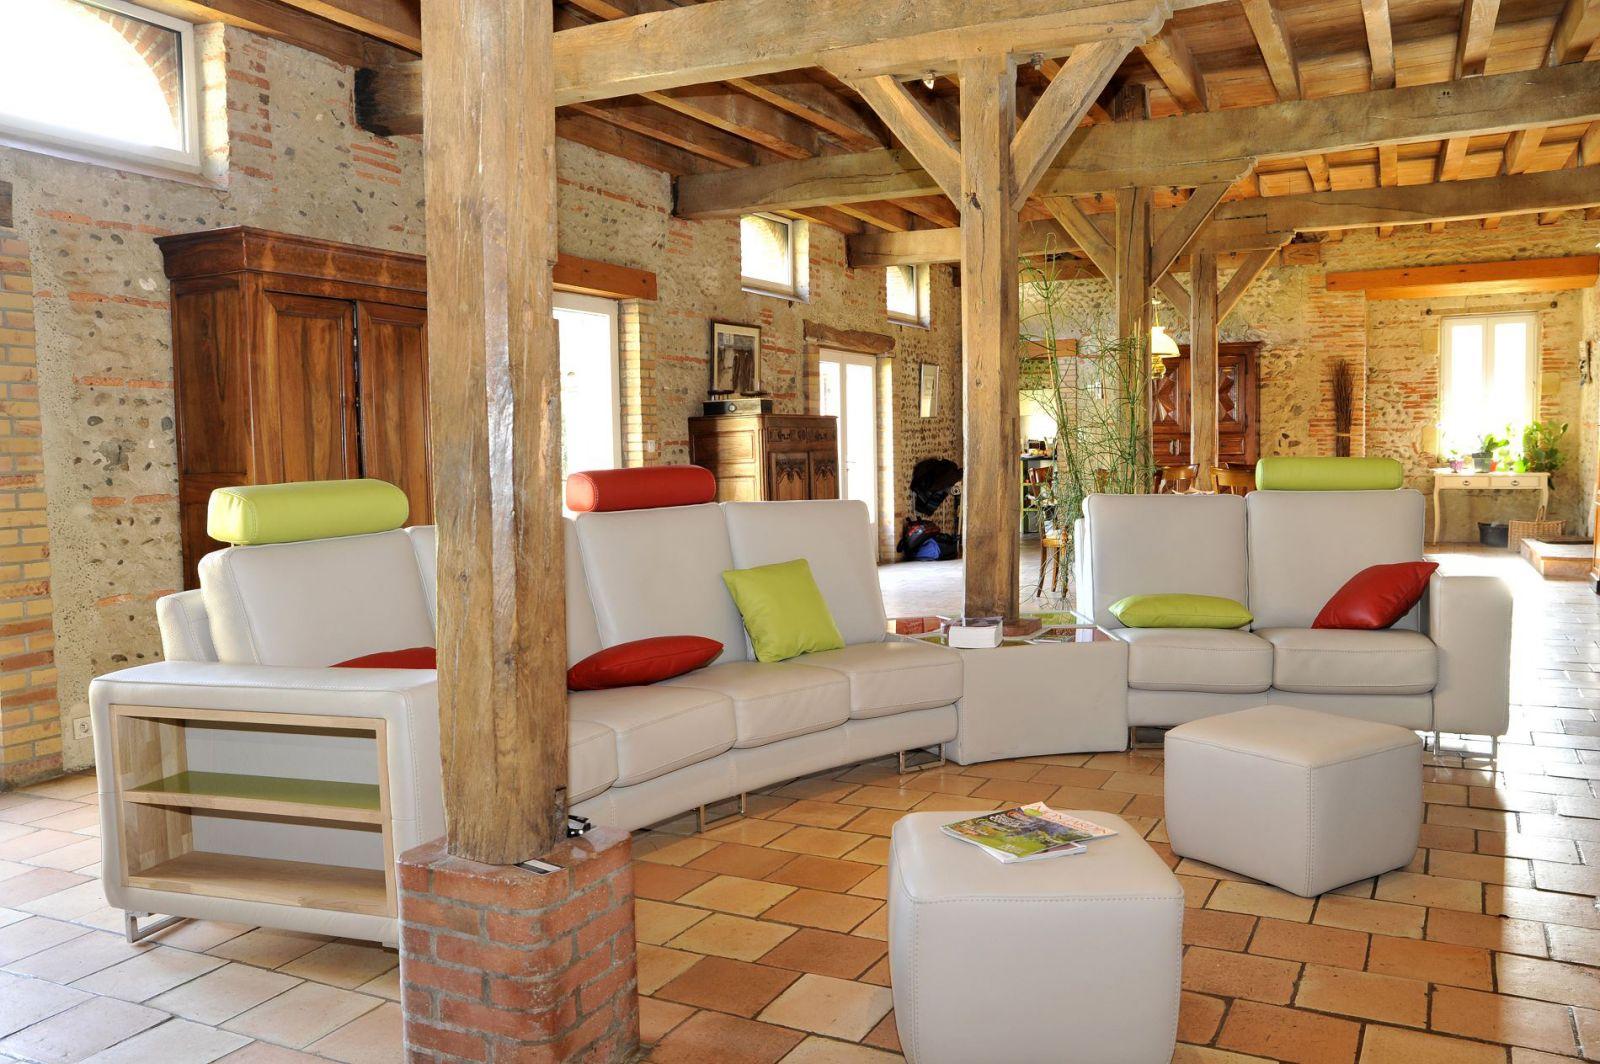 Fabricant De Canapé En Cuir Sur Mesure À Mont-De-Marsan encequiconcerne Soldes Salon De Jardin Leclerc